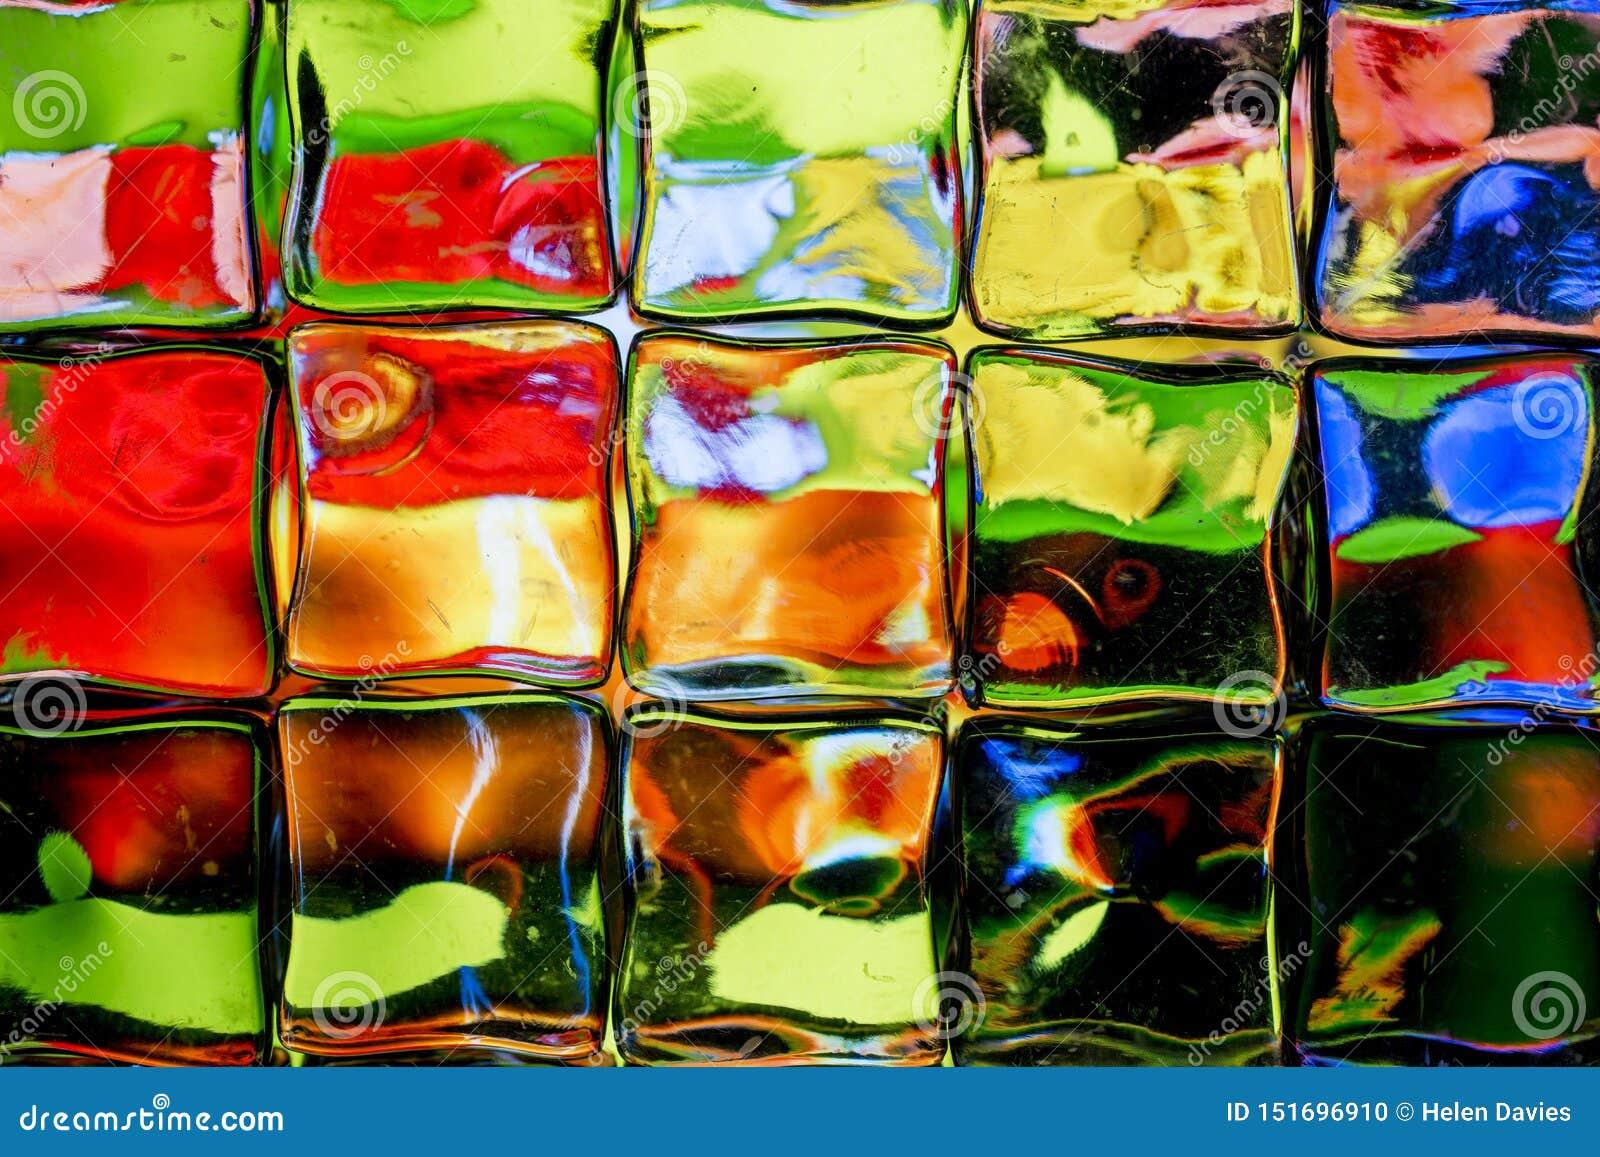 Parete brillantemente colorata del blocco di vetro